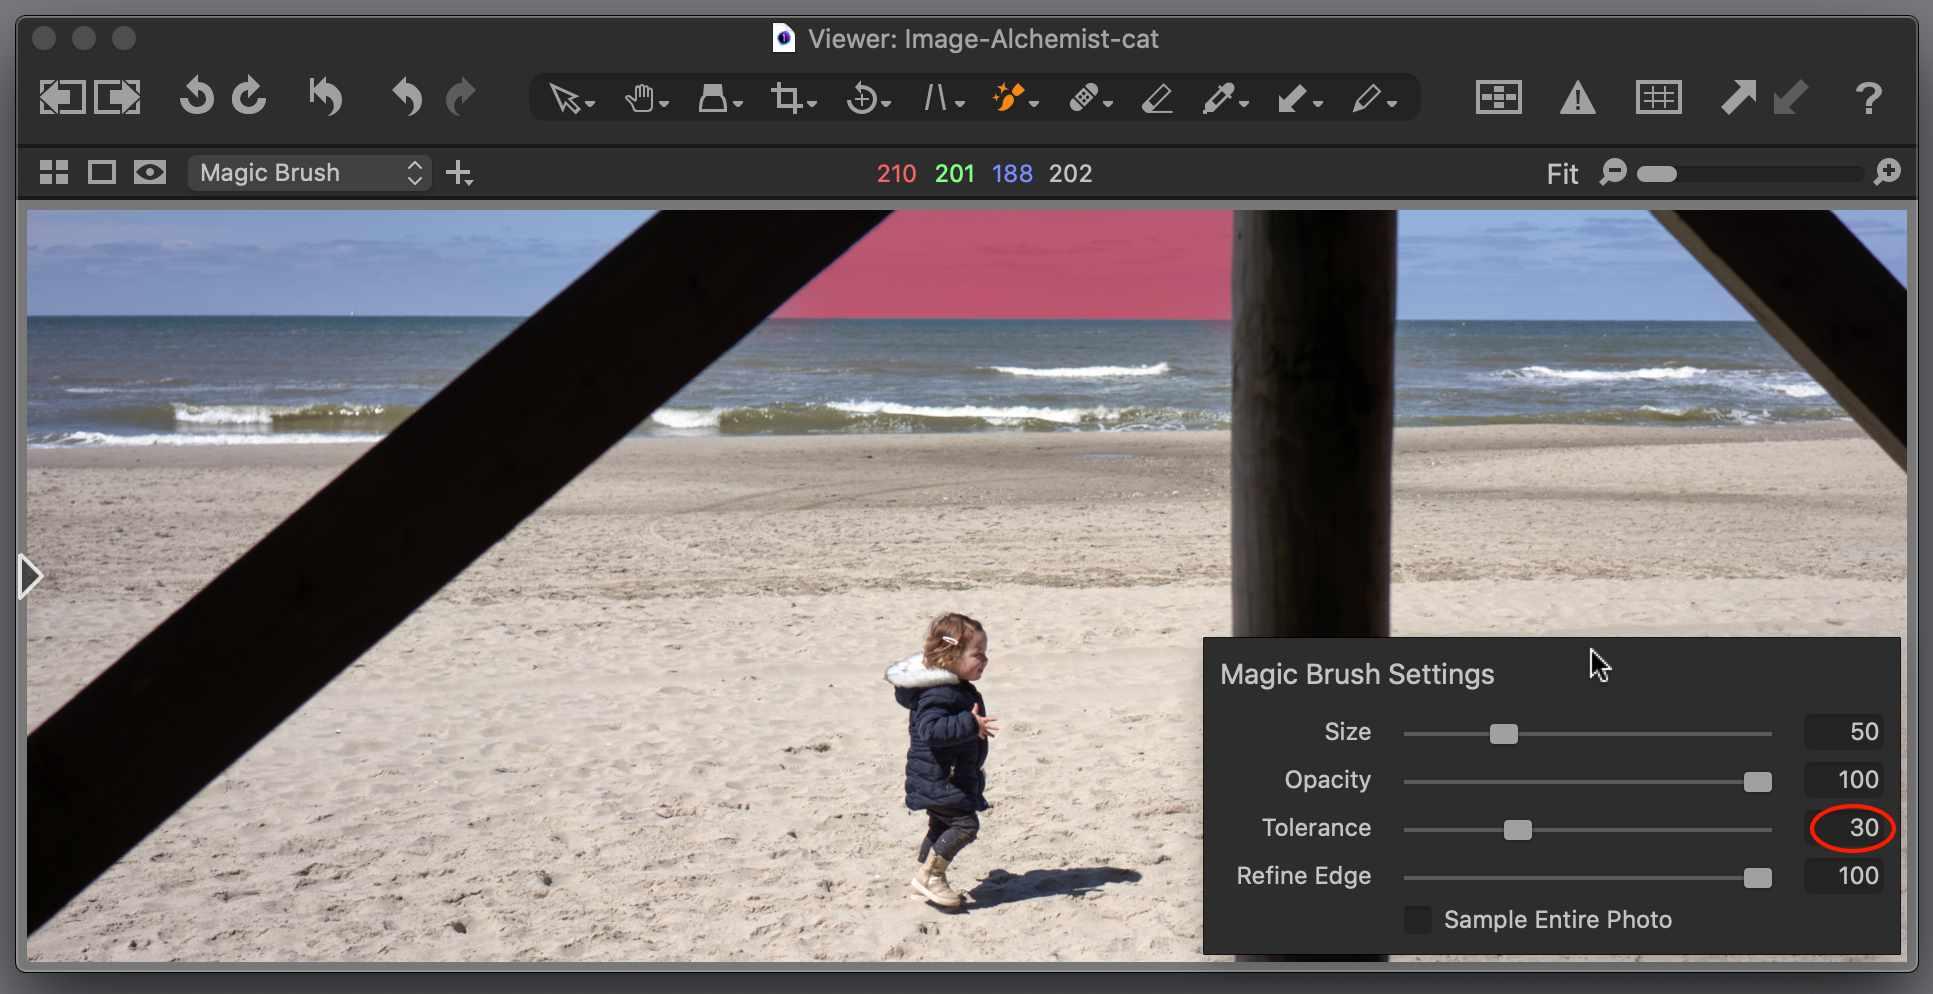 magic brush, tolerance 30, capture one 21 update 3